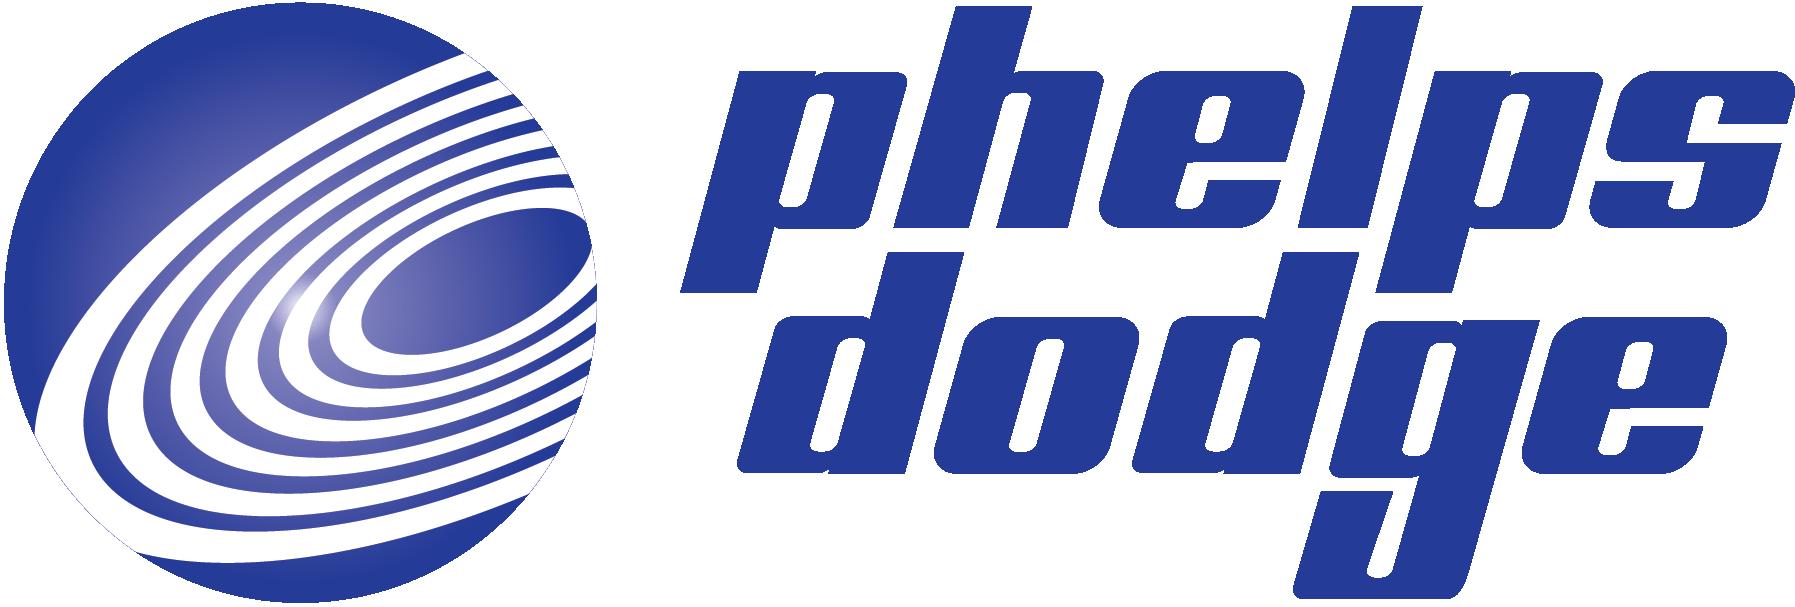 phelps_dodge